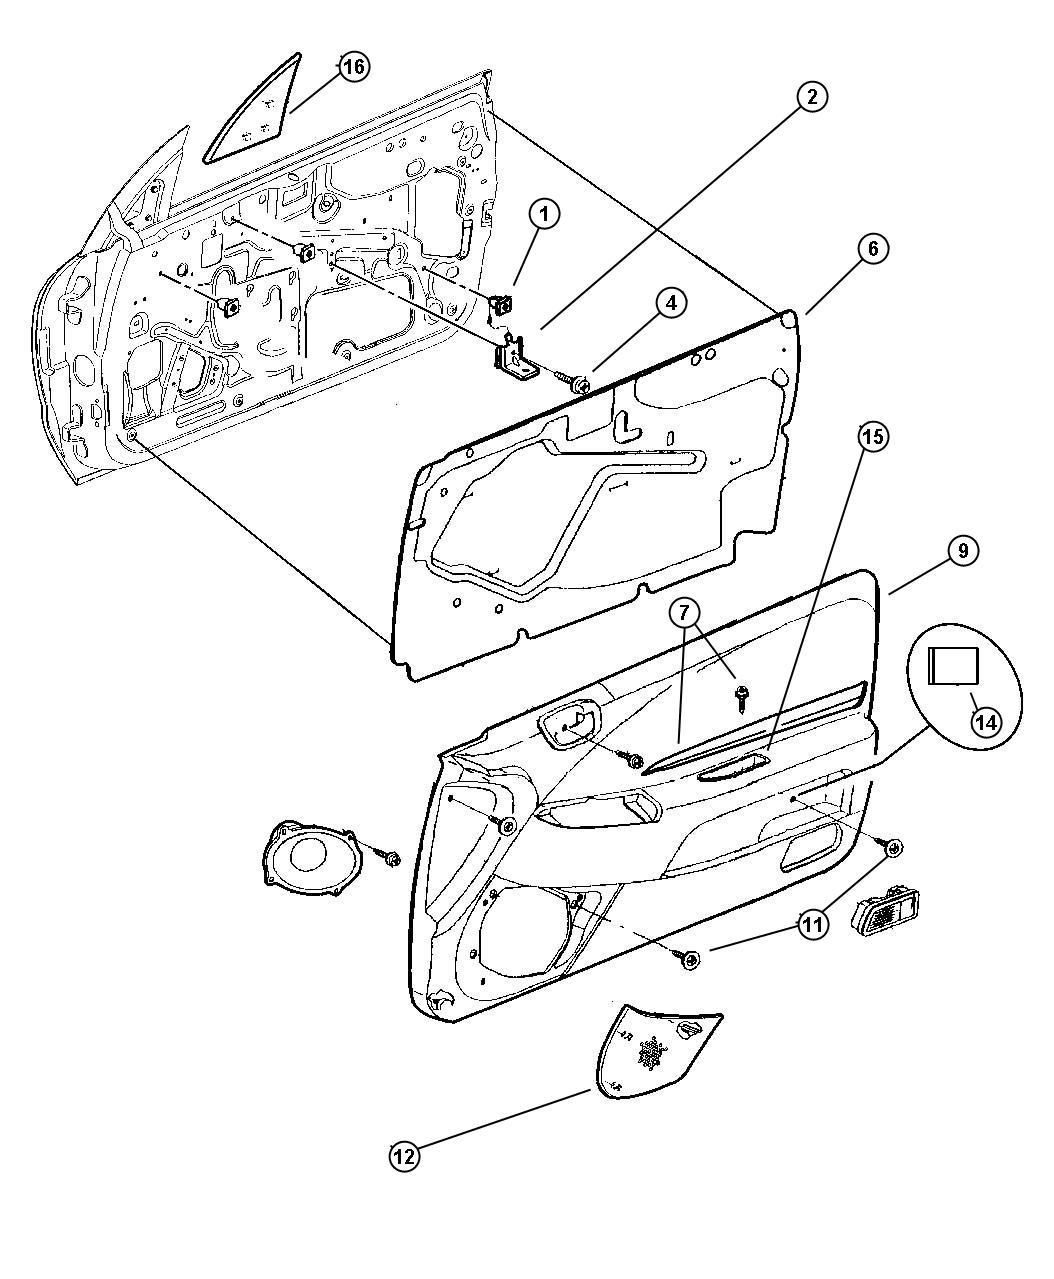 1998 Chrysler Sebring JX Convertible 2.5L V6 A/T Grille